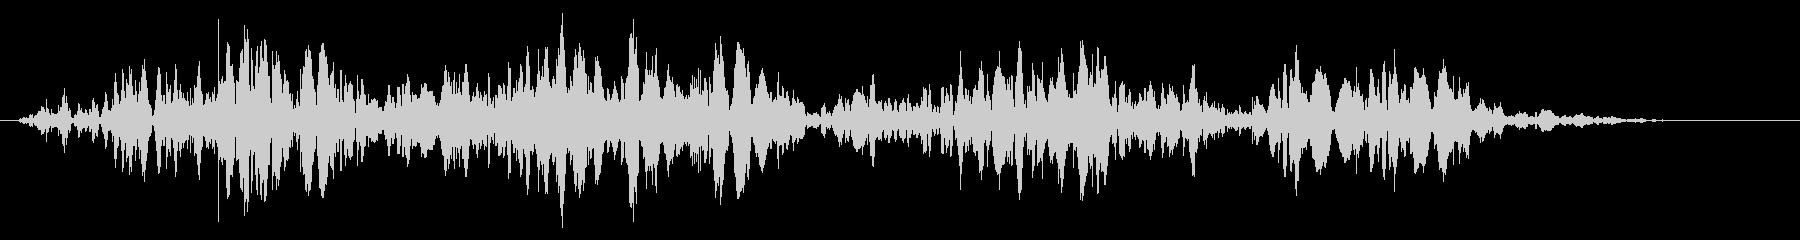 スライムなどが蠢く音タイプC#1の未再生の波形